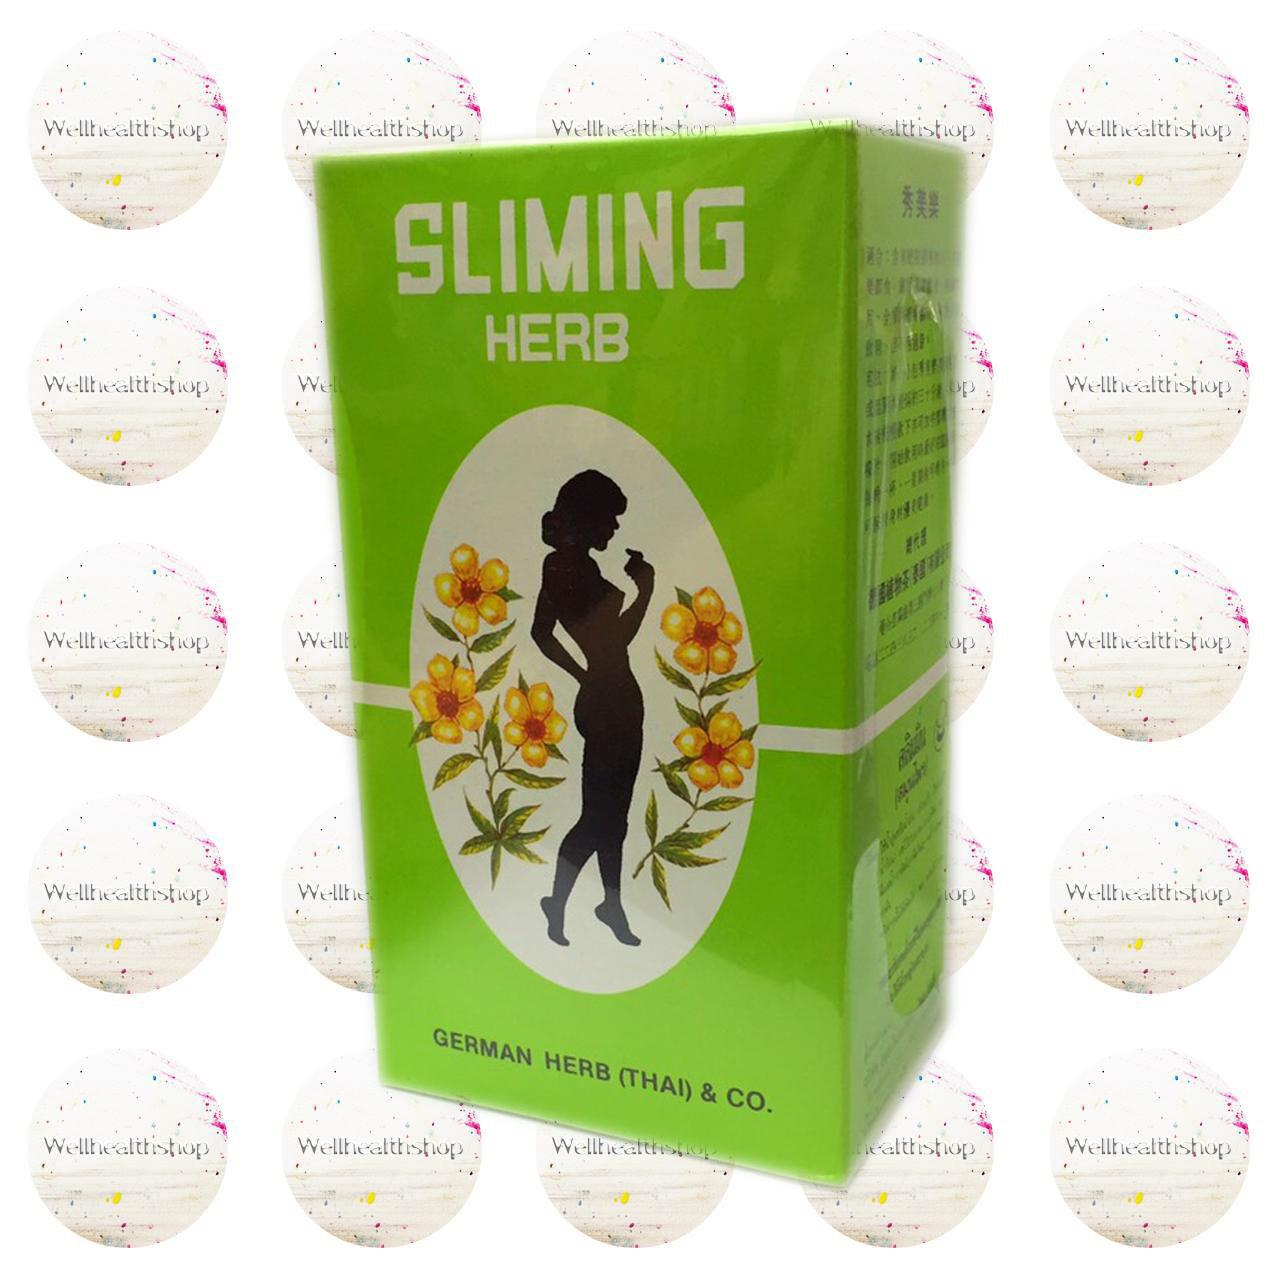 ชา Sliming Herb ชาสมุนไพรสลิมมิ่น